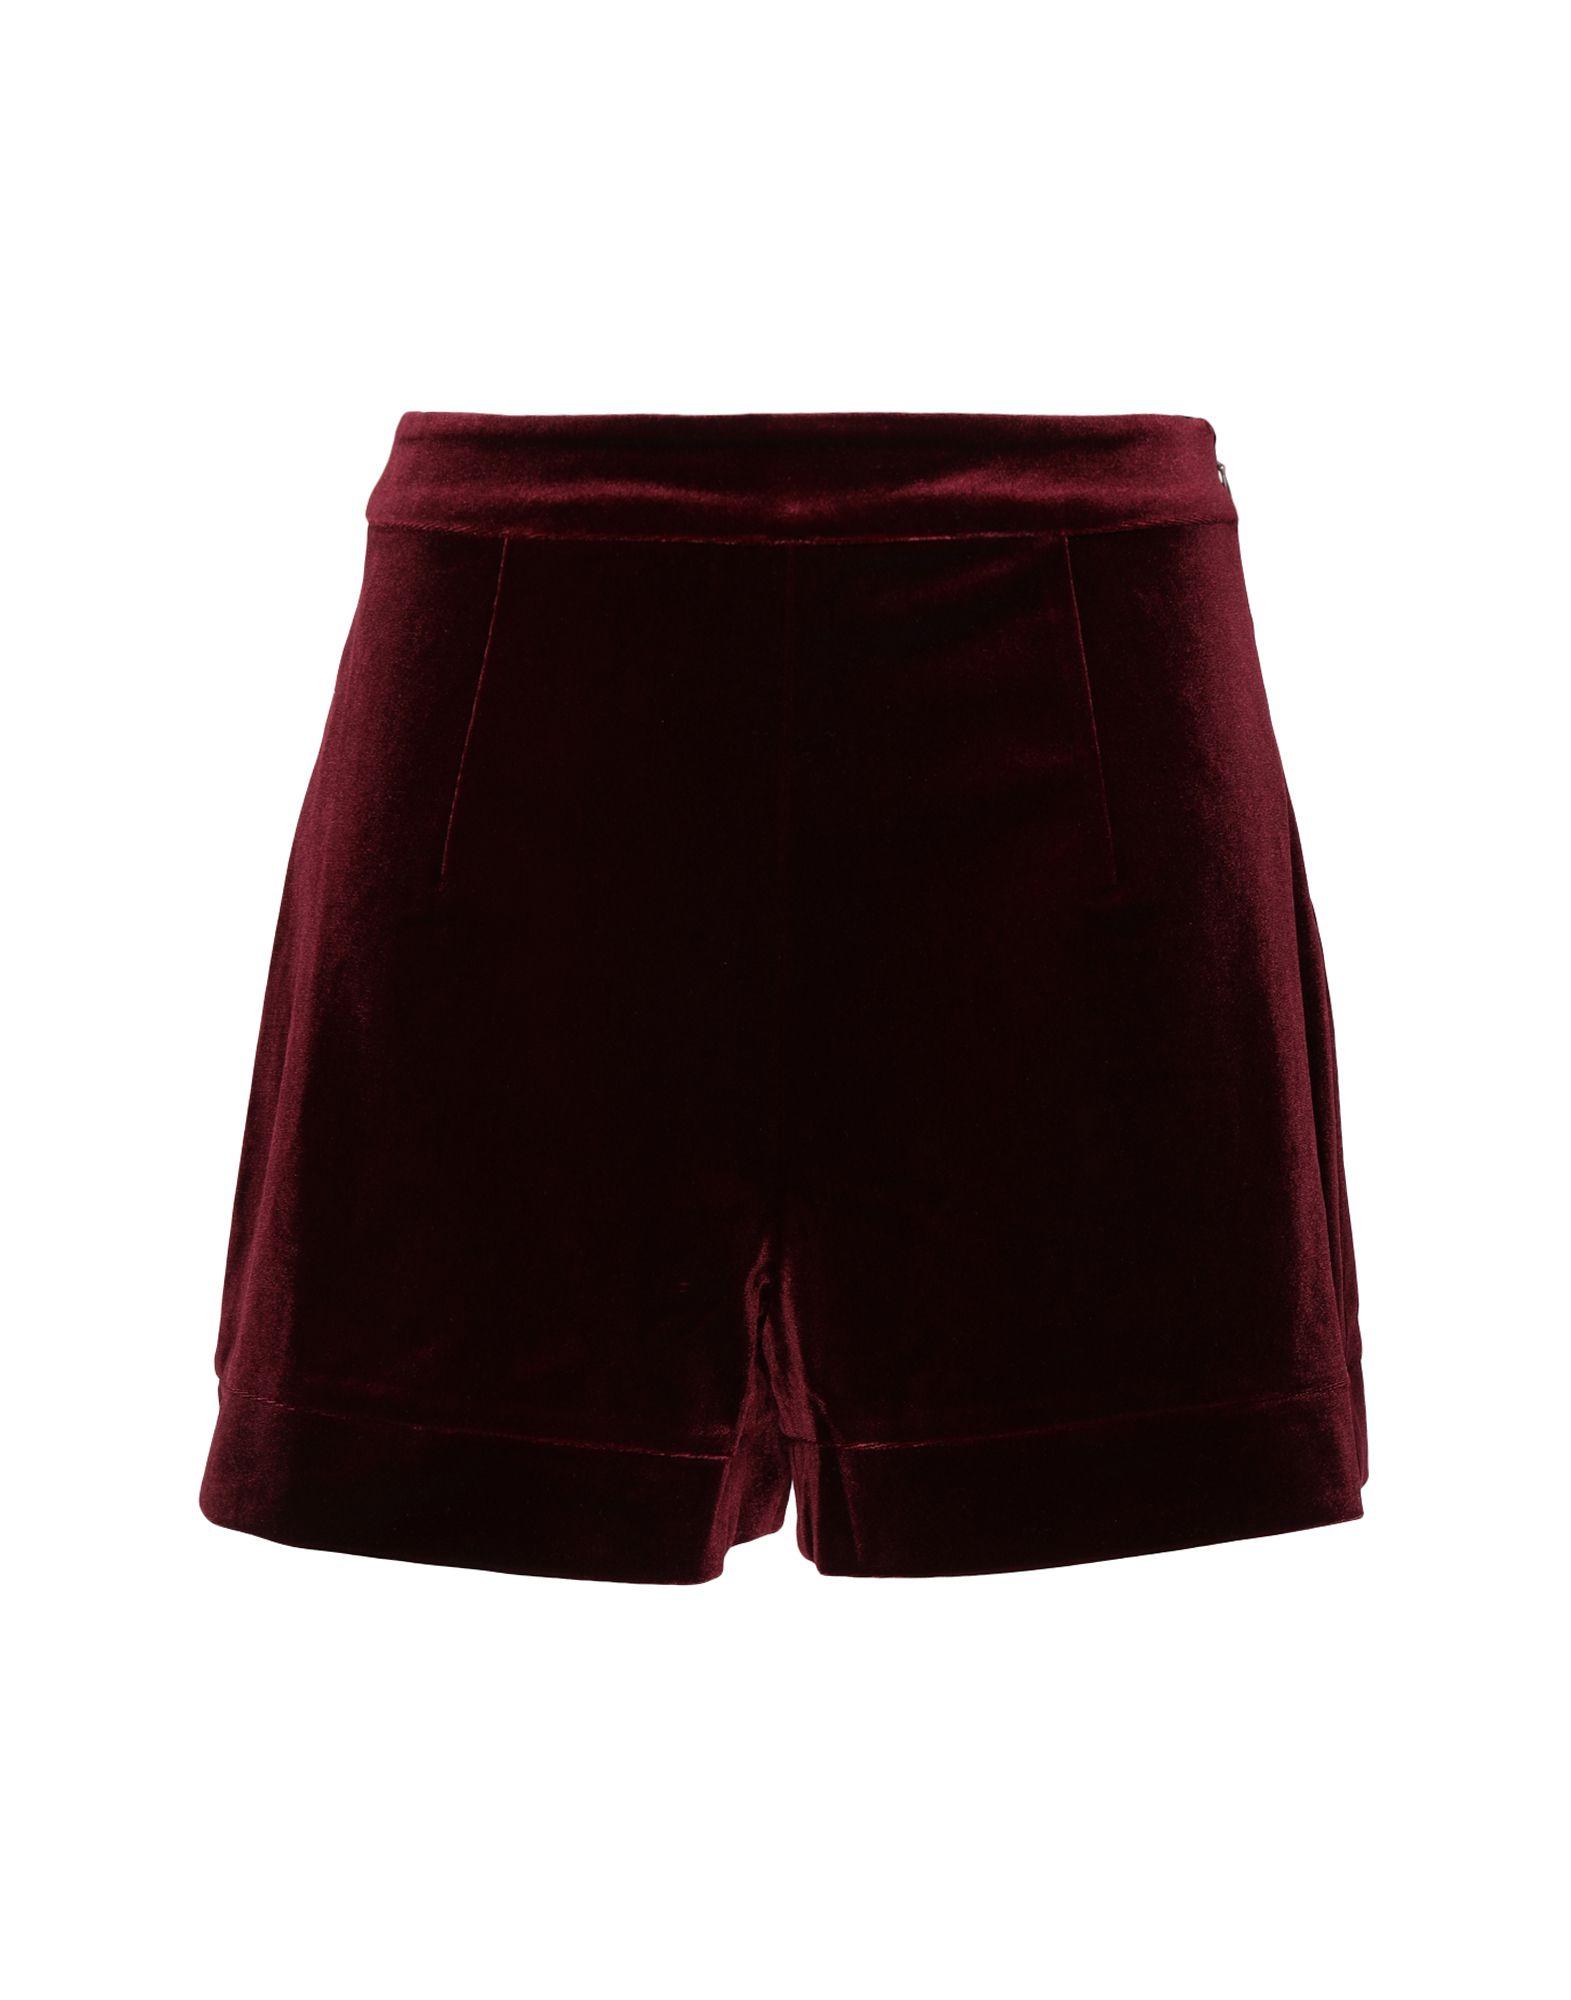 8 by YOOX Повседневные шорты шорты с высокой талией и геометрическим рисунком